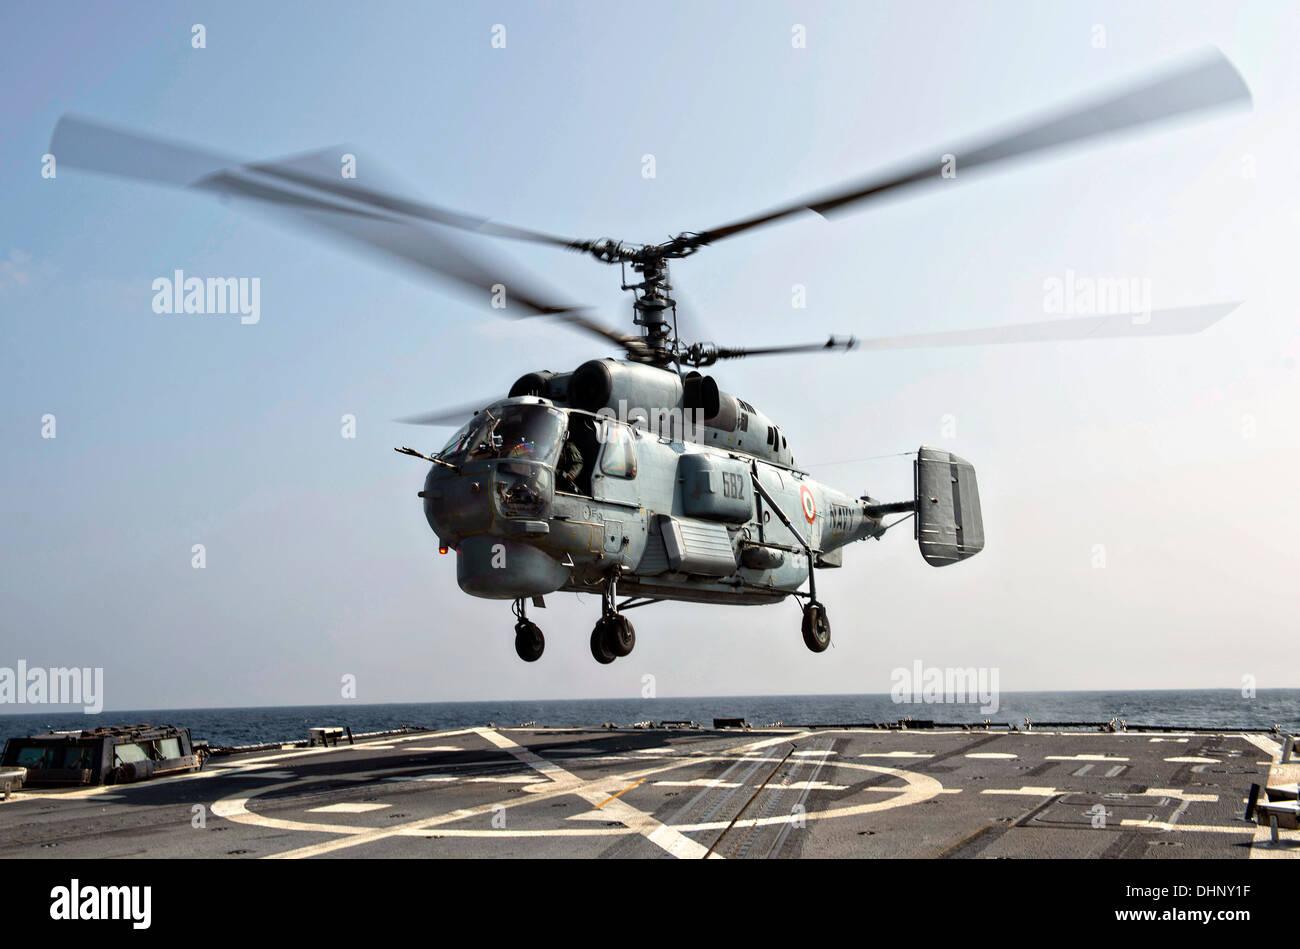 Ein Indische Marine KV-28 Helix Hubschrauber landet auf dem Flugdeck der Arleigh-Burke-Klasse geführte Flugkörper Zerstörer USS McCampbell während des Trainings Malabar 7. November 2013 in den Golf von Bengalen tätig. Stockbild